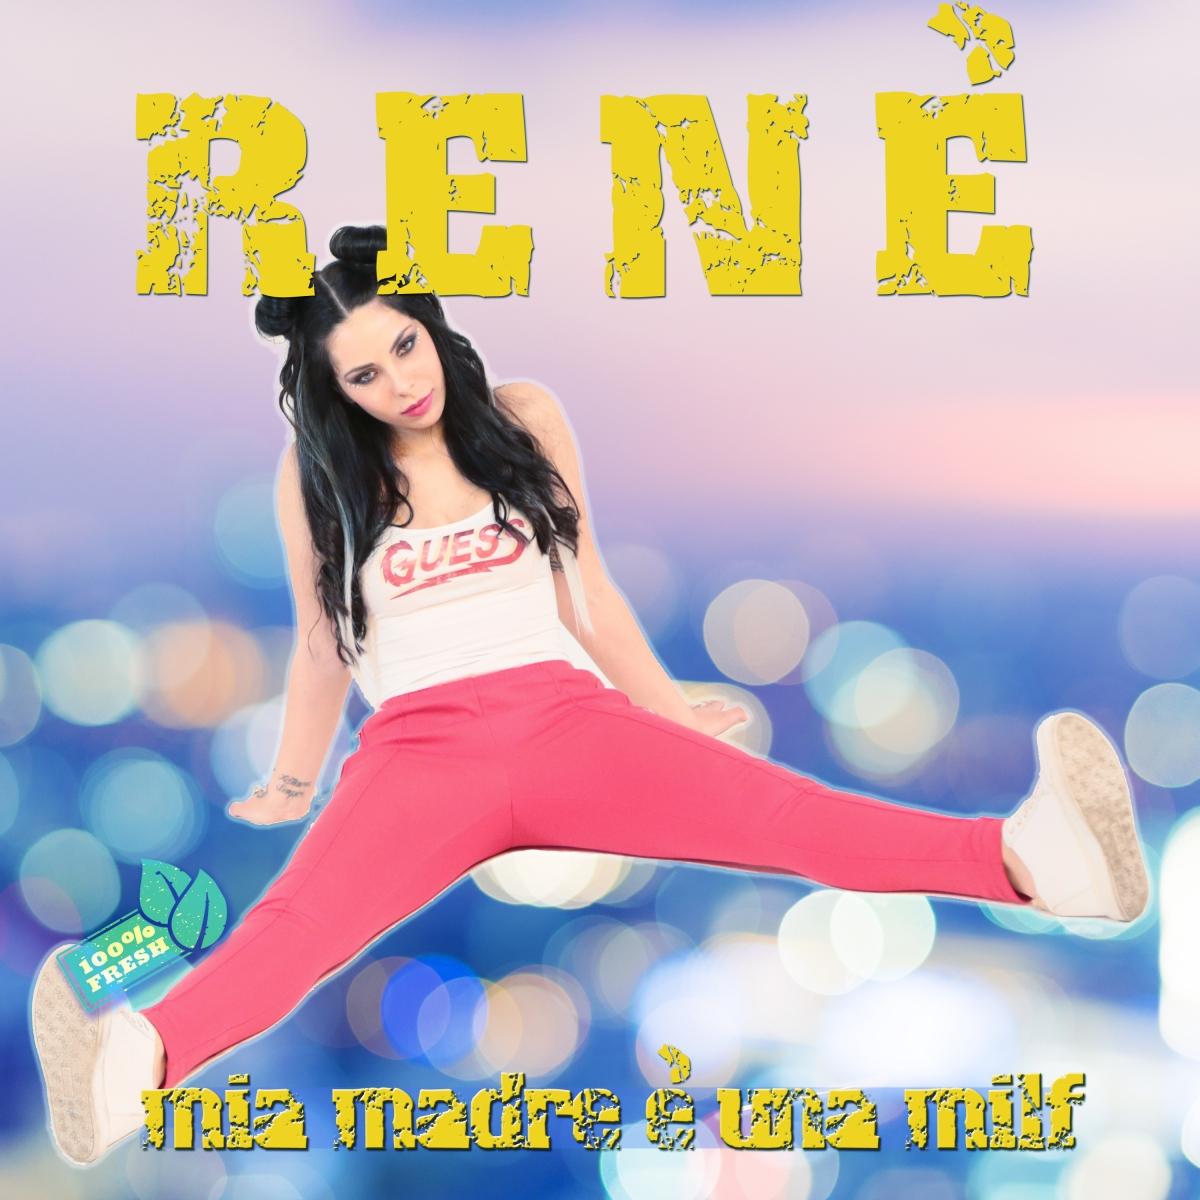 """""""Mia madre è una milf"""" è il singolo di esordio diRenè, in radio dal 24 maggio"""